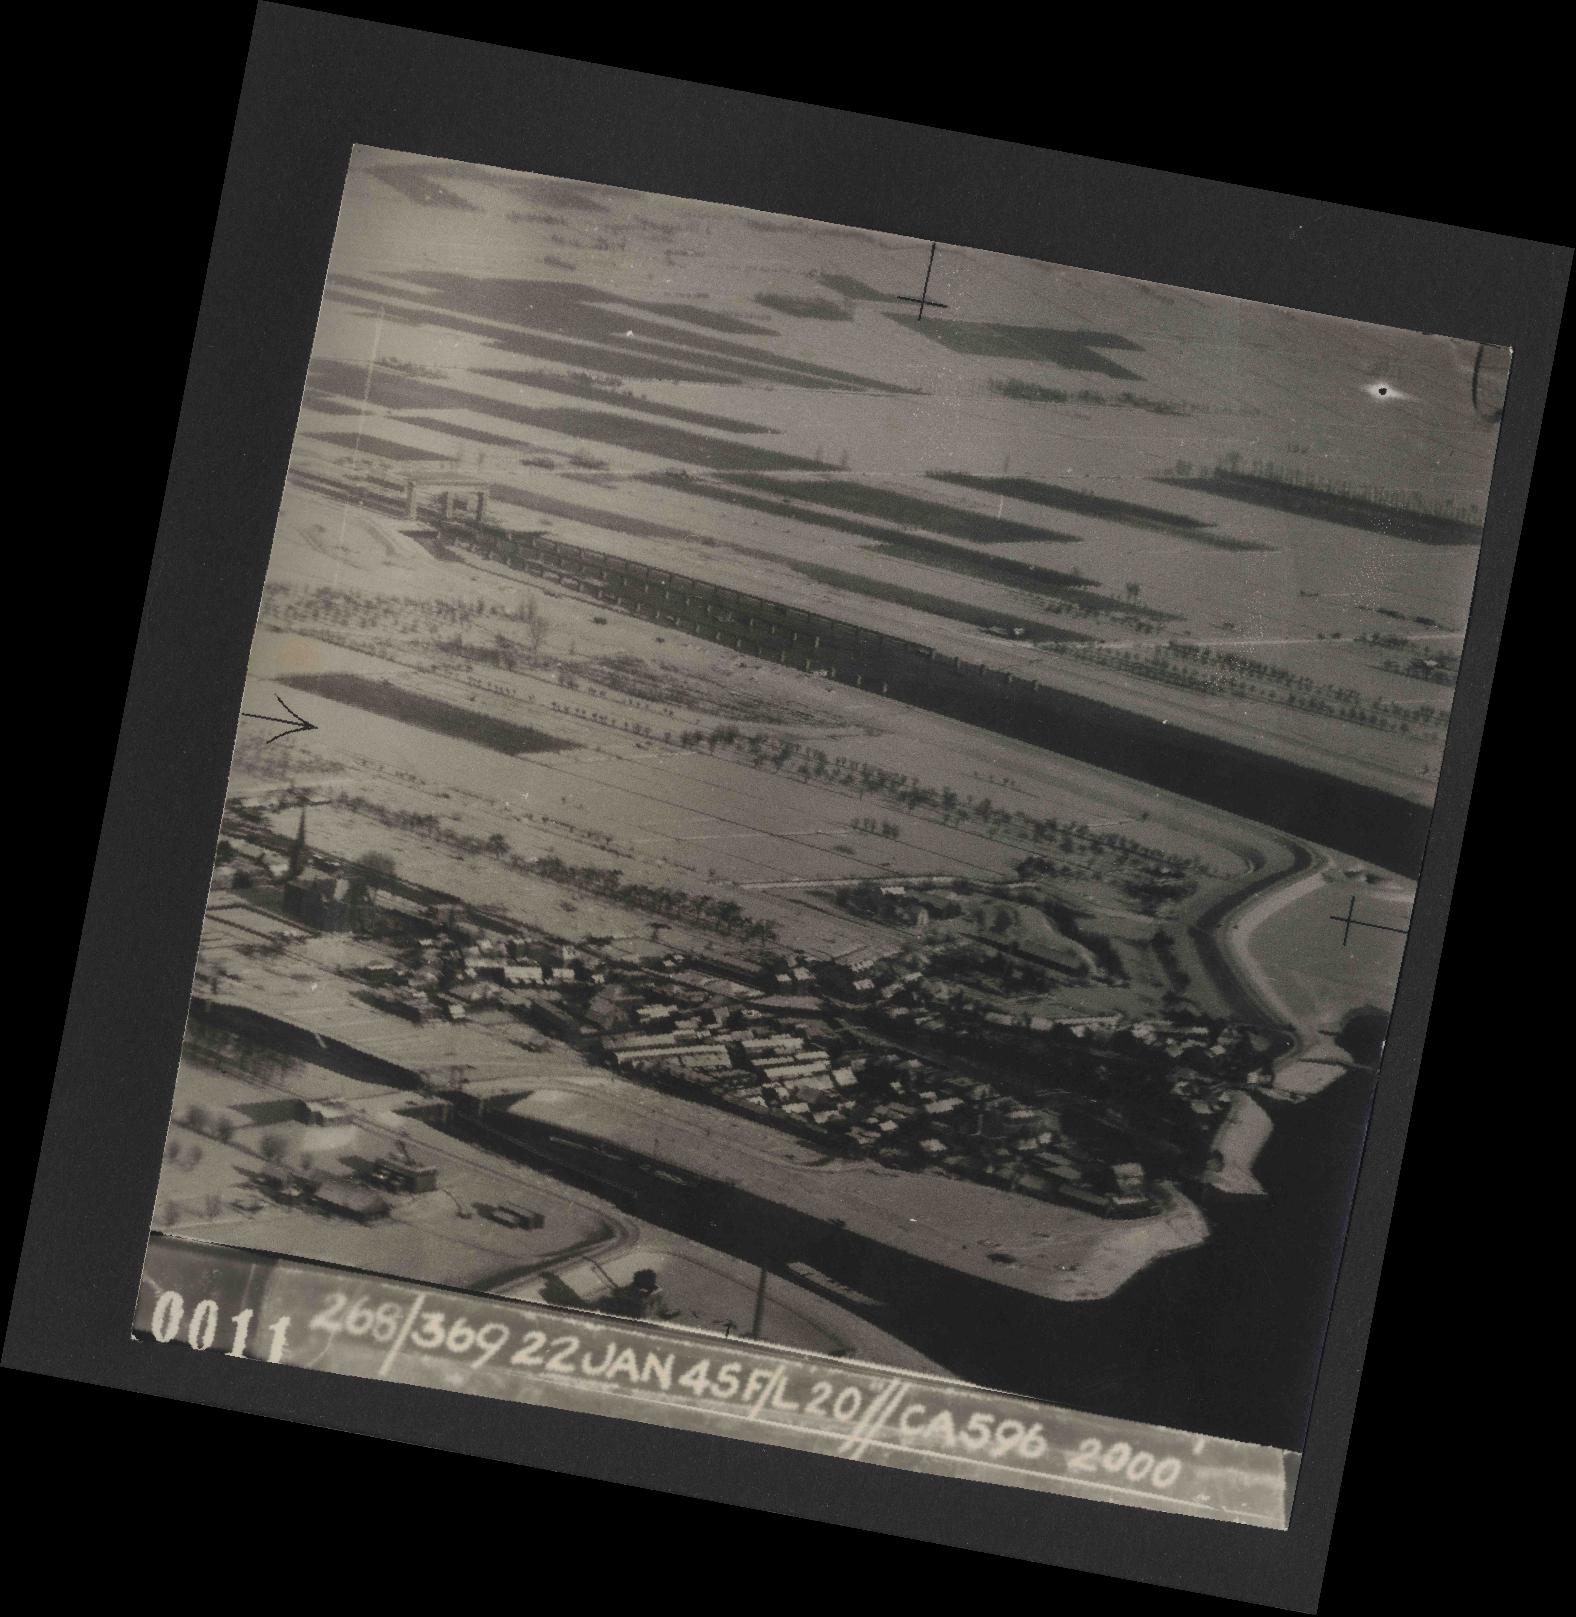 Collection RAF aerial photos 1940-1945 - flight 539, run 01, photo 0011